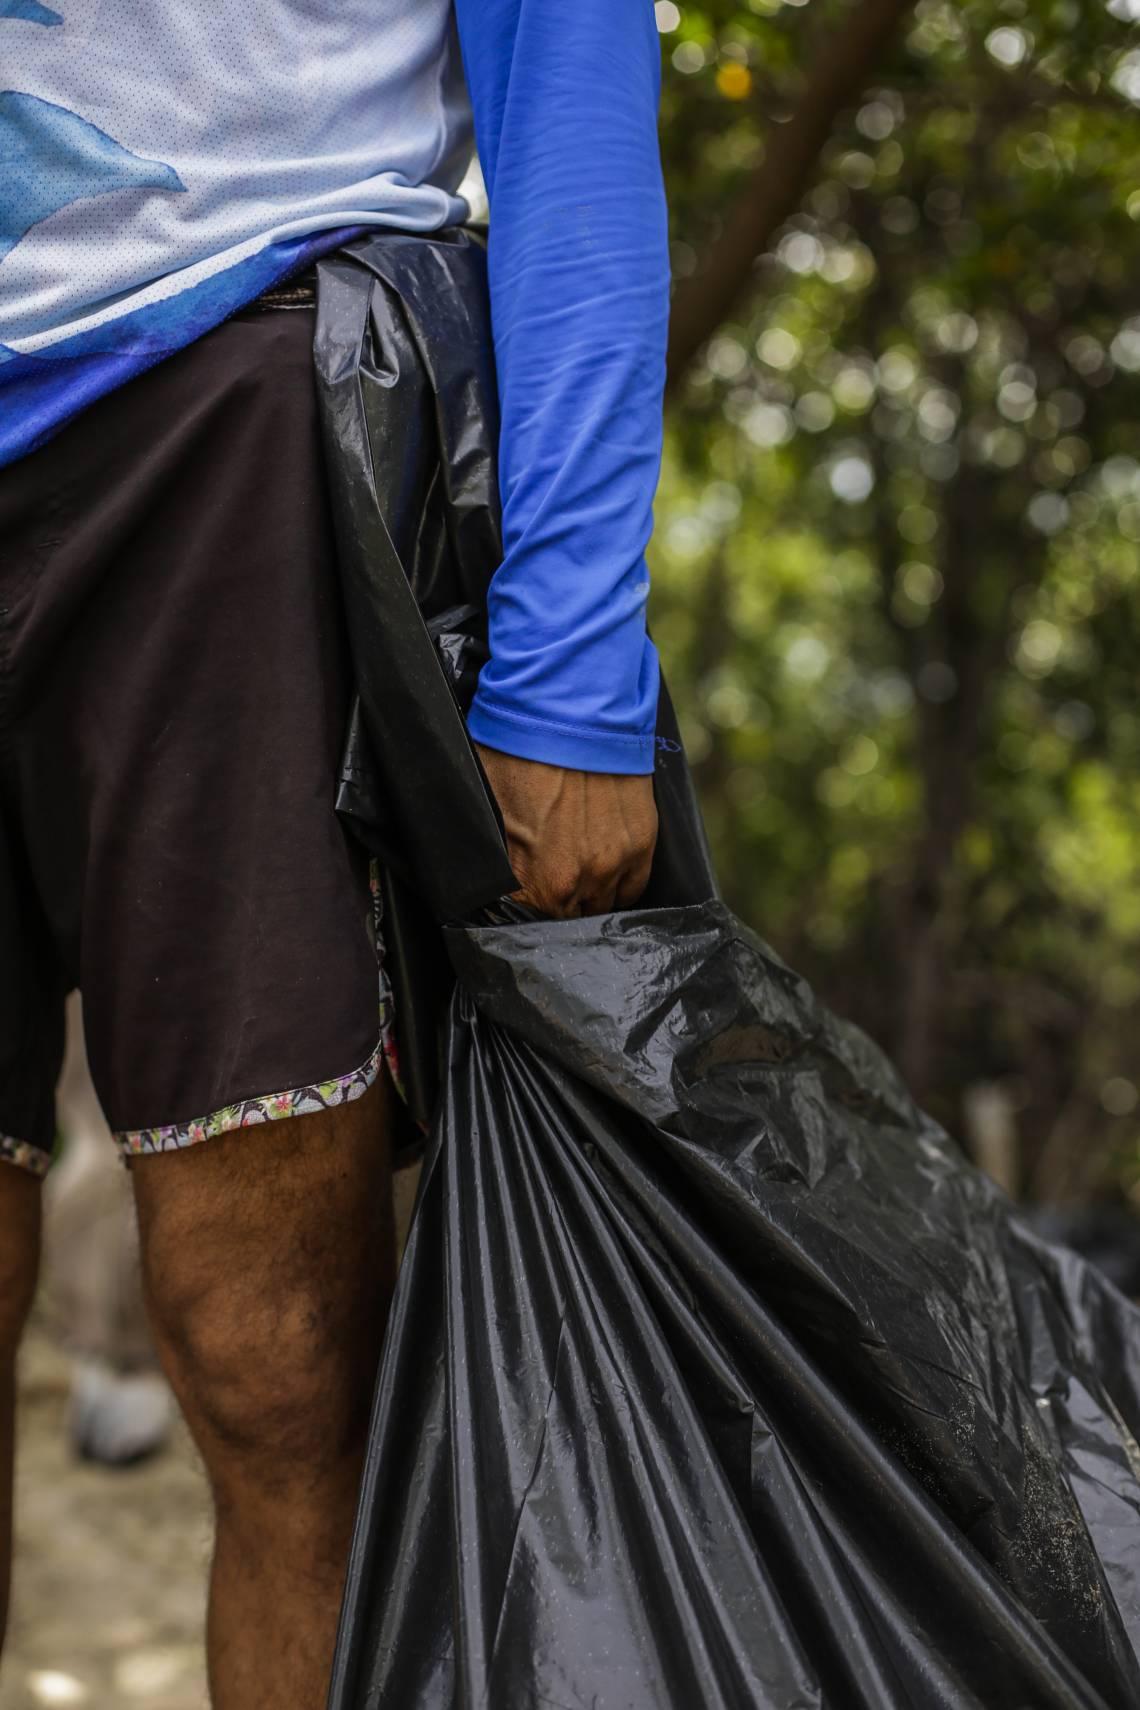 FORTALEZA, CE, BRASIL, 29.02.2020: IV Limpando os Manguezais organizado pelo Ecomuseu Natural do Mangue. (foto: Thais Mesquita/O POVO)(Foto: Thais Mesquita)